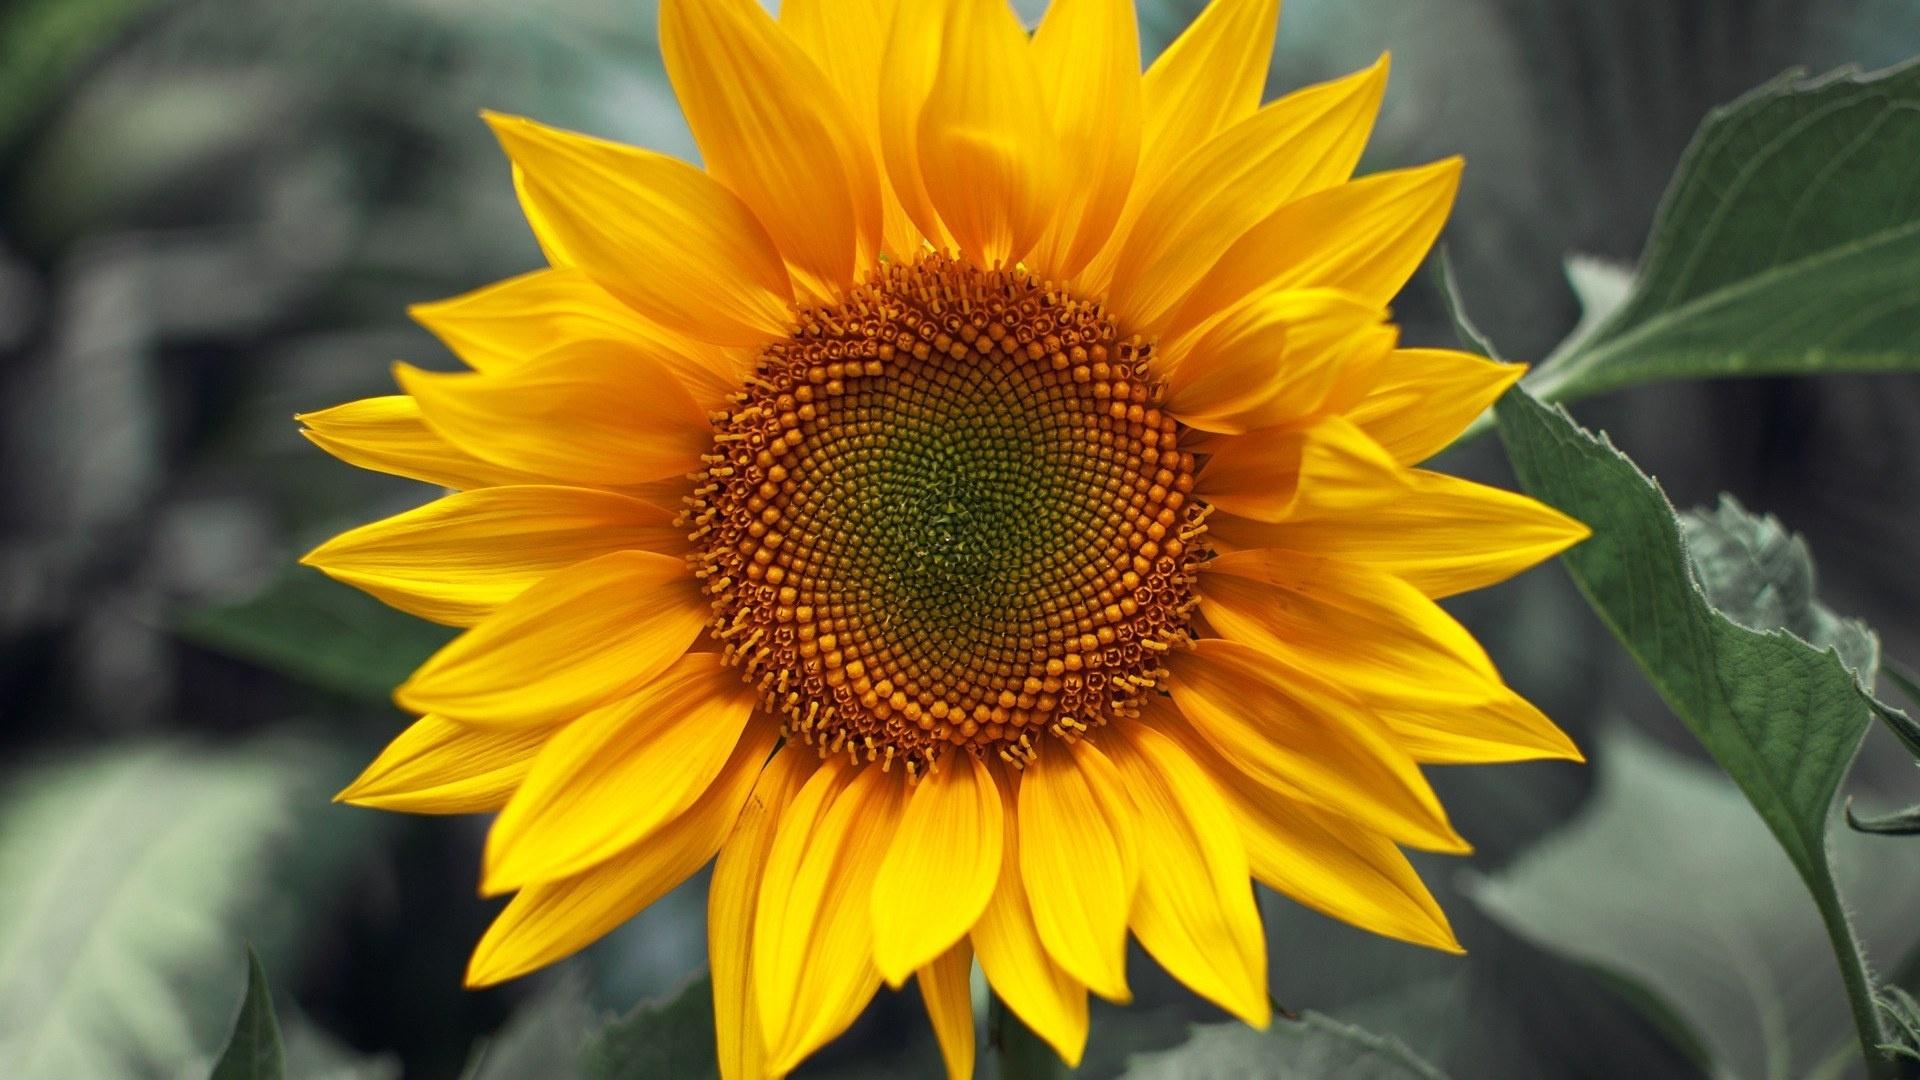 30958 免費下載壁紙 植物, 向日葵 屏保和圖片